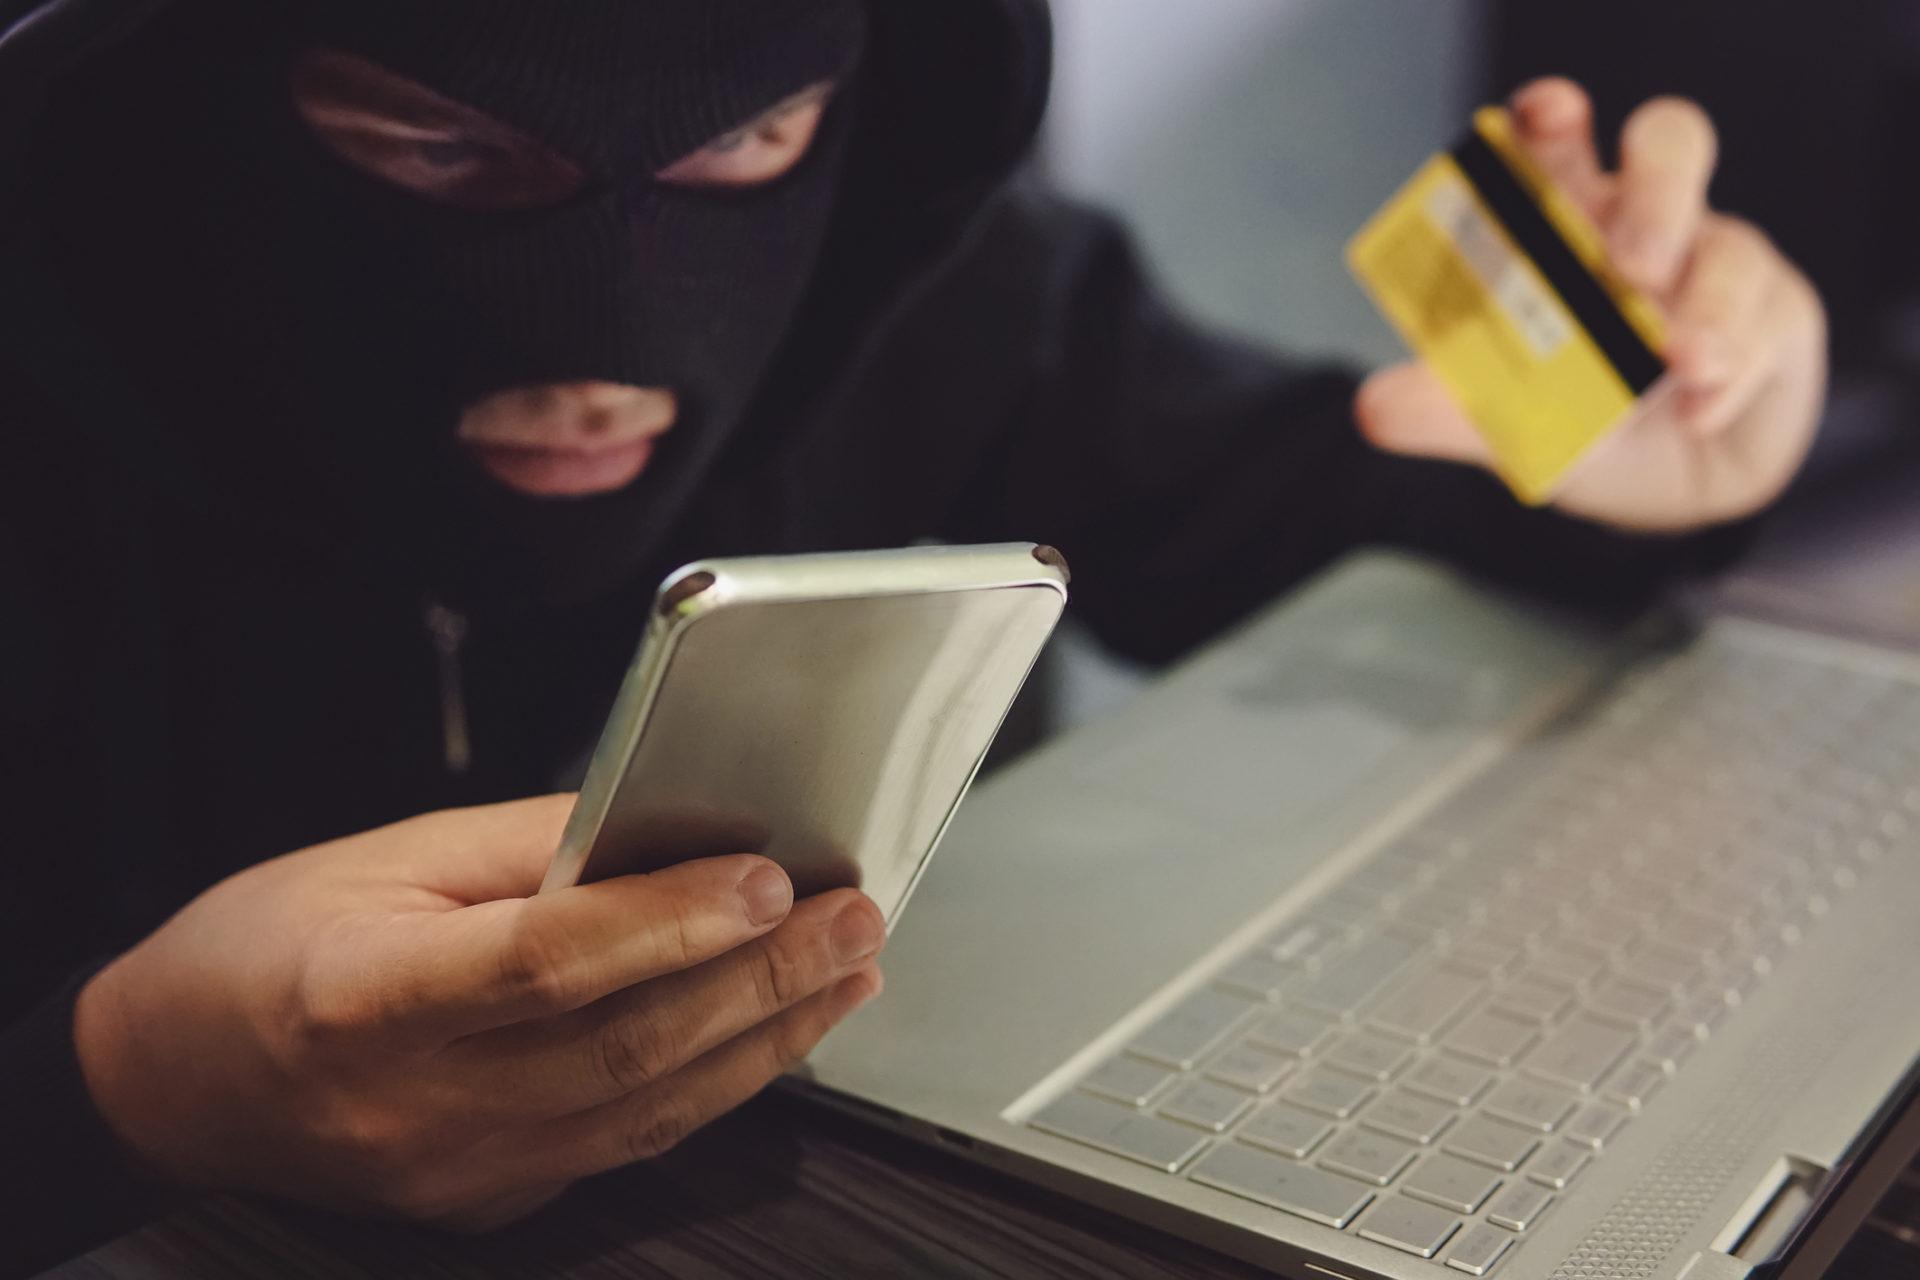 Телефонные мошенники используют при обмане историю про уголовные дела